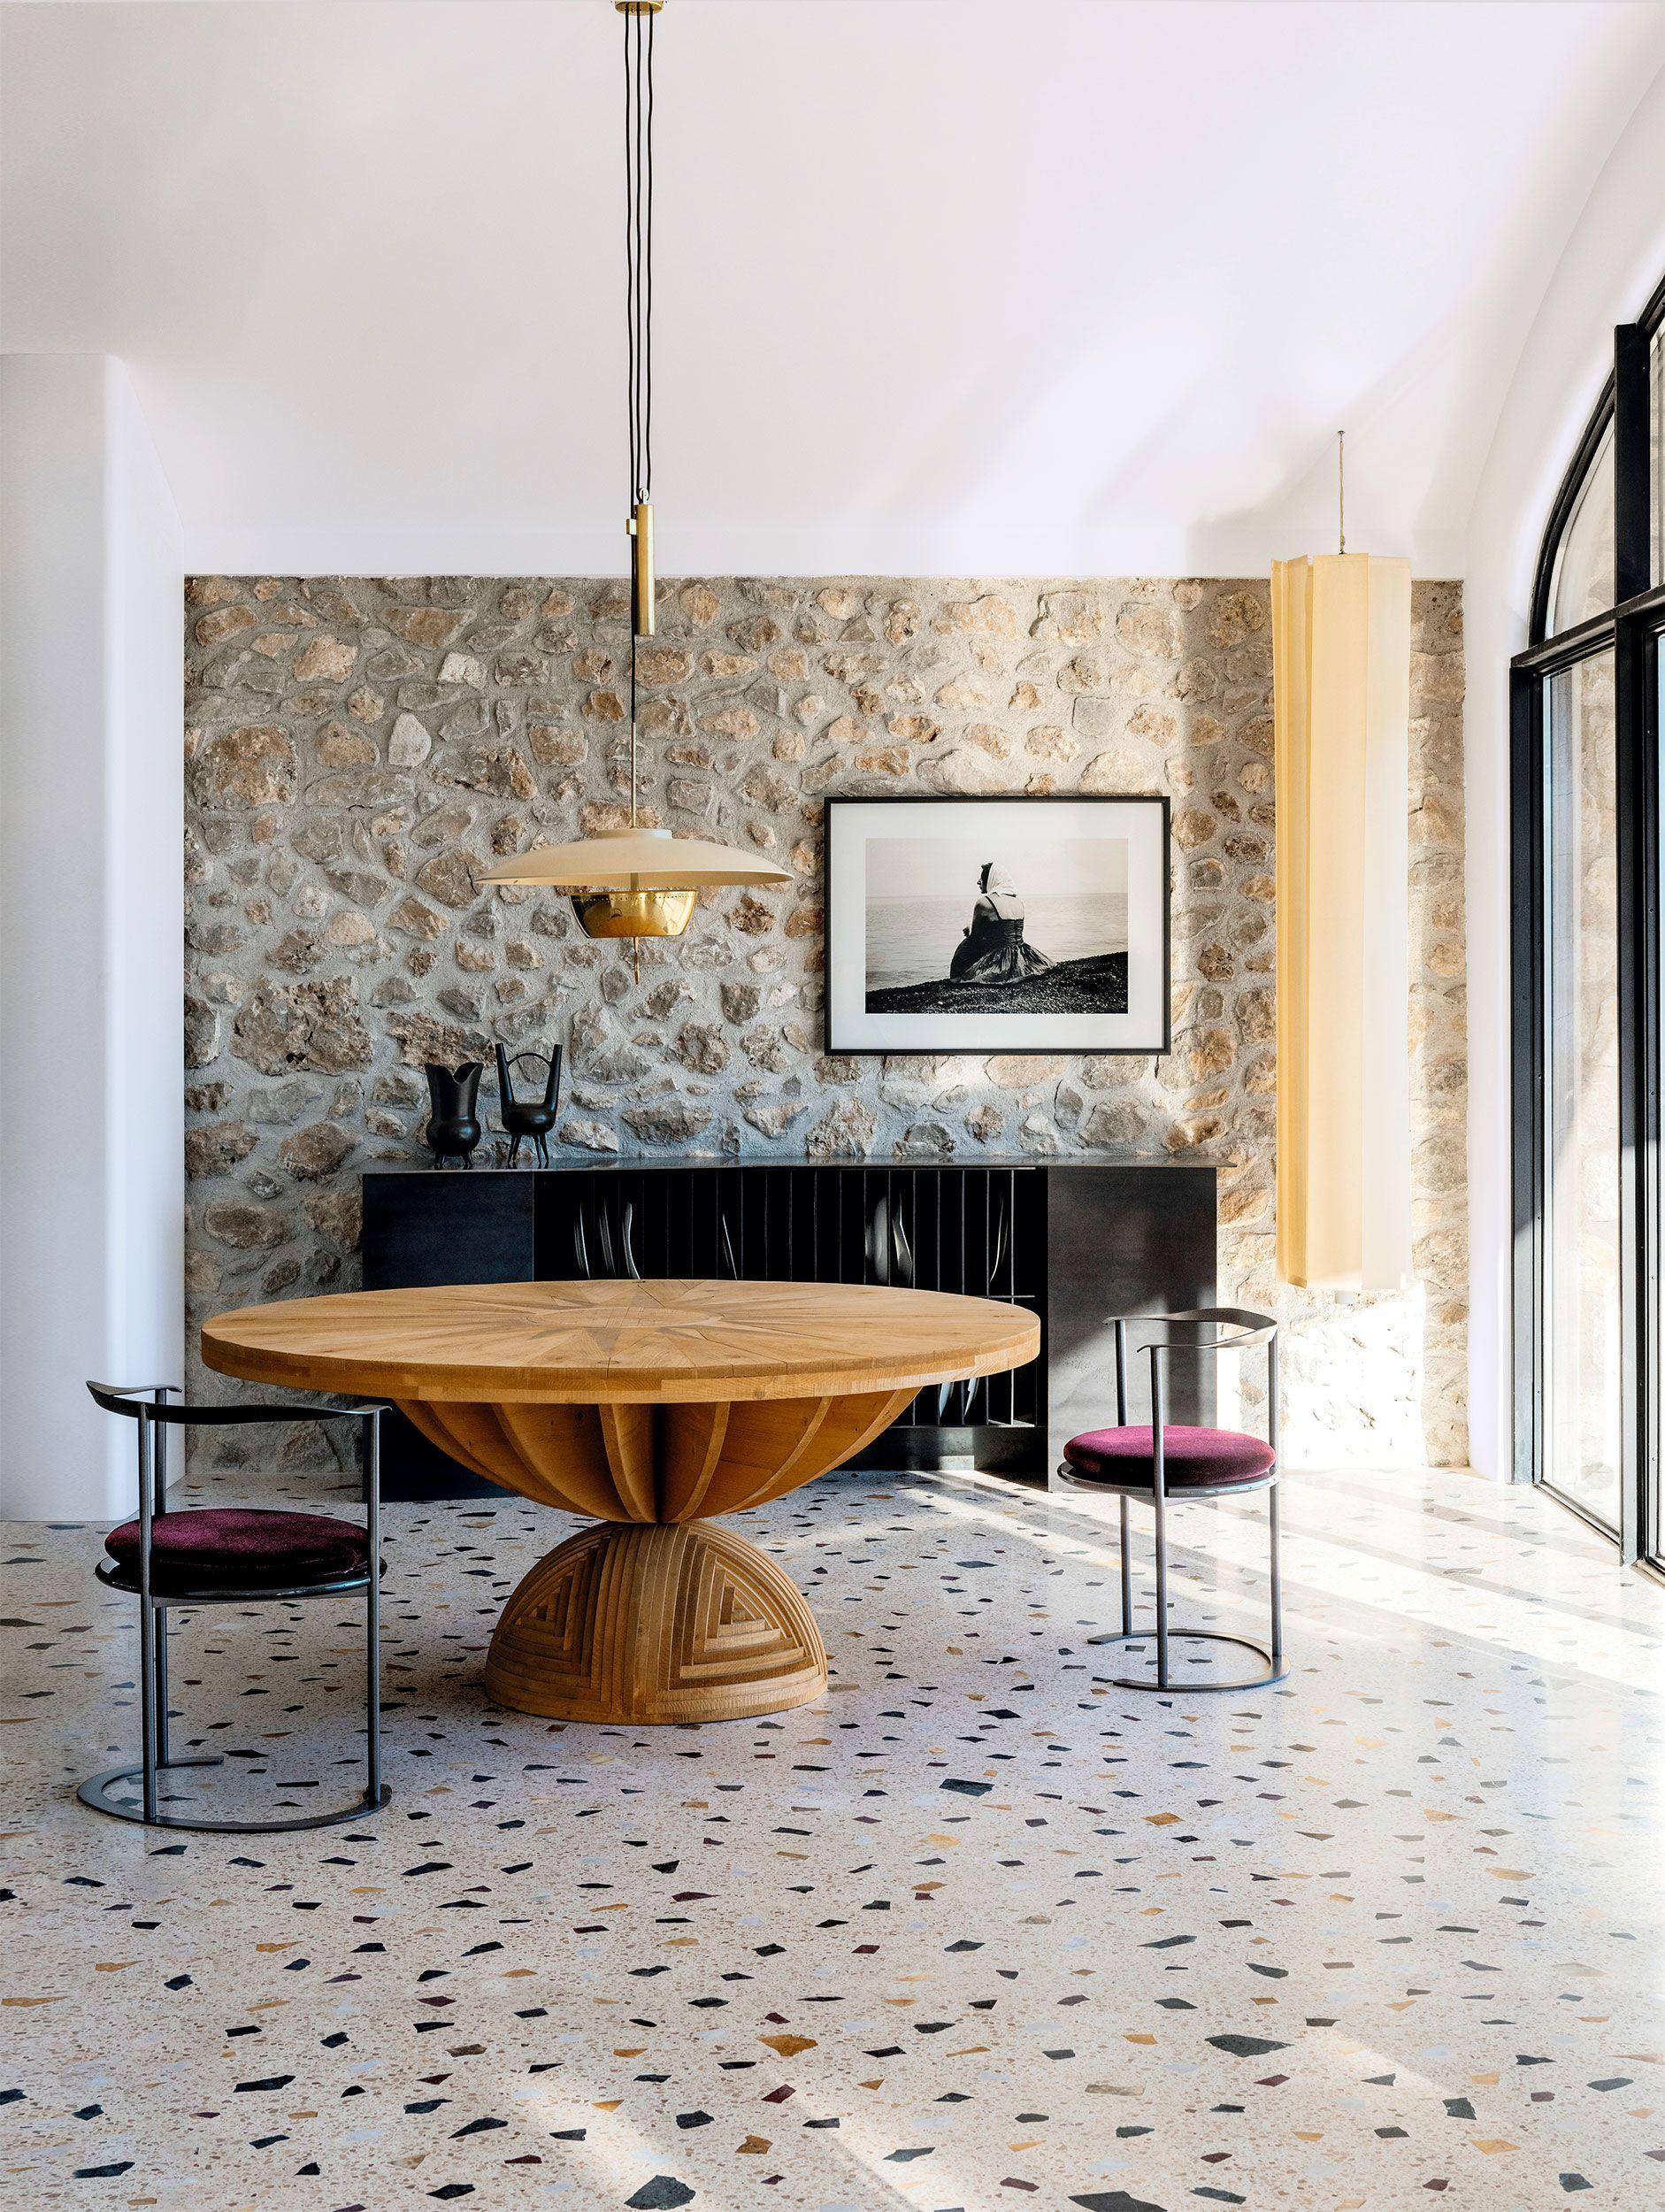 The Perfect Backdrop for an Aperitivo? This Restored Stone Villa on Capri